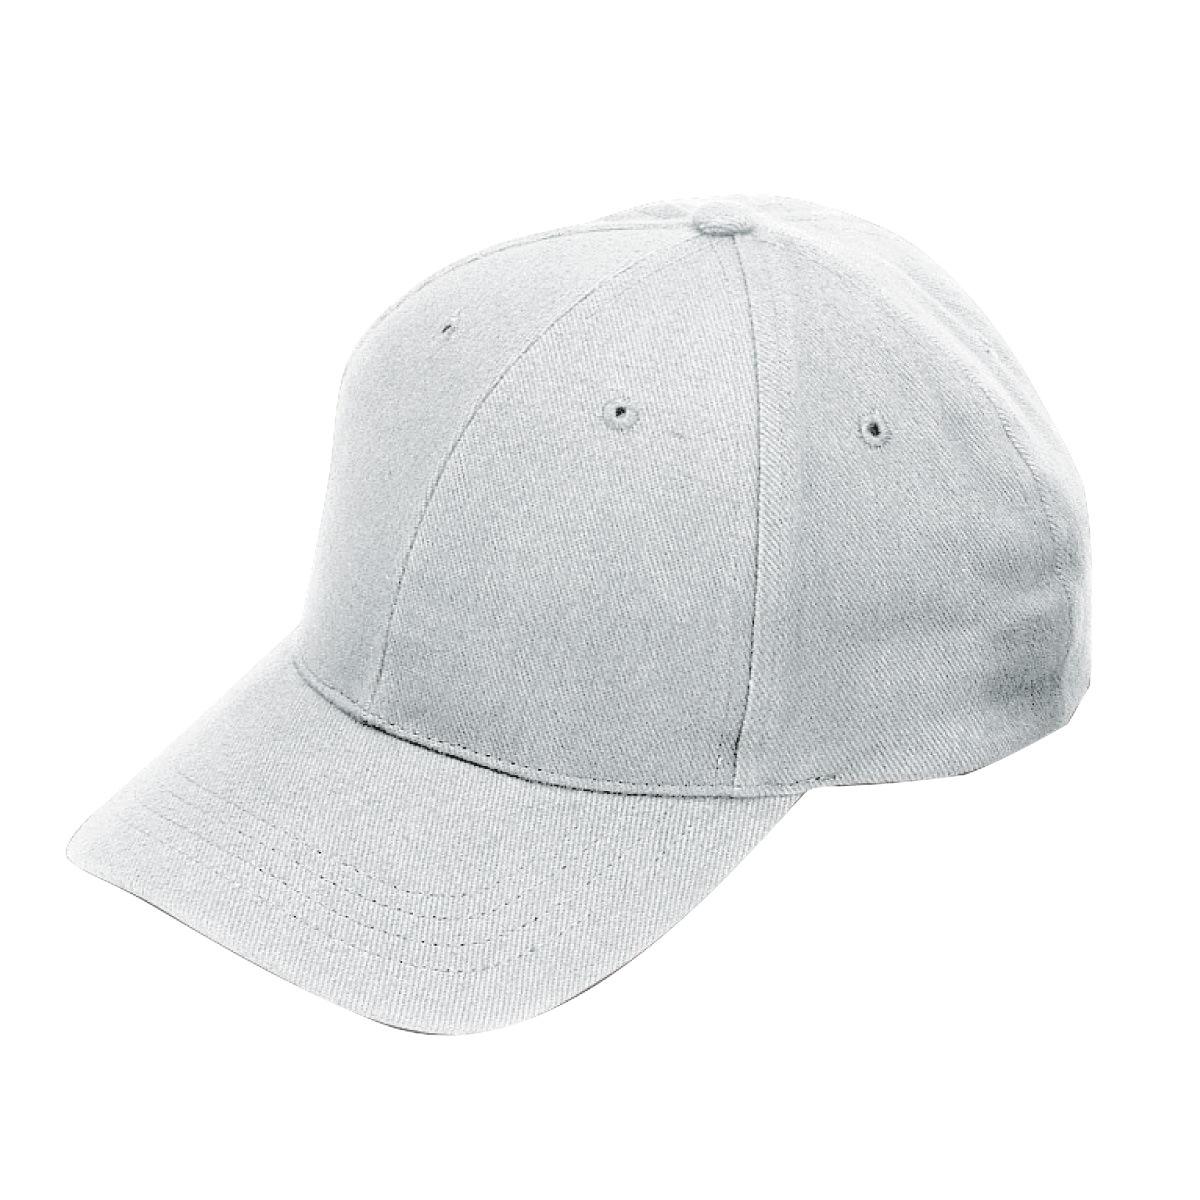 כובע מצחייה איכותי 6 חלקים - קינג